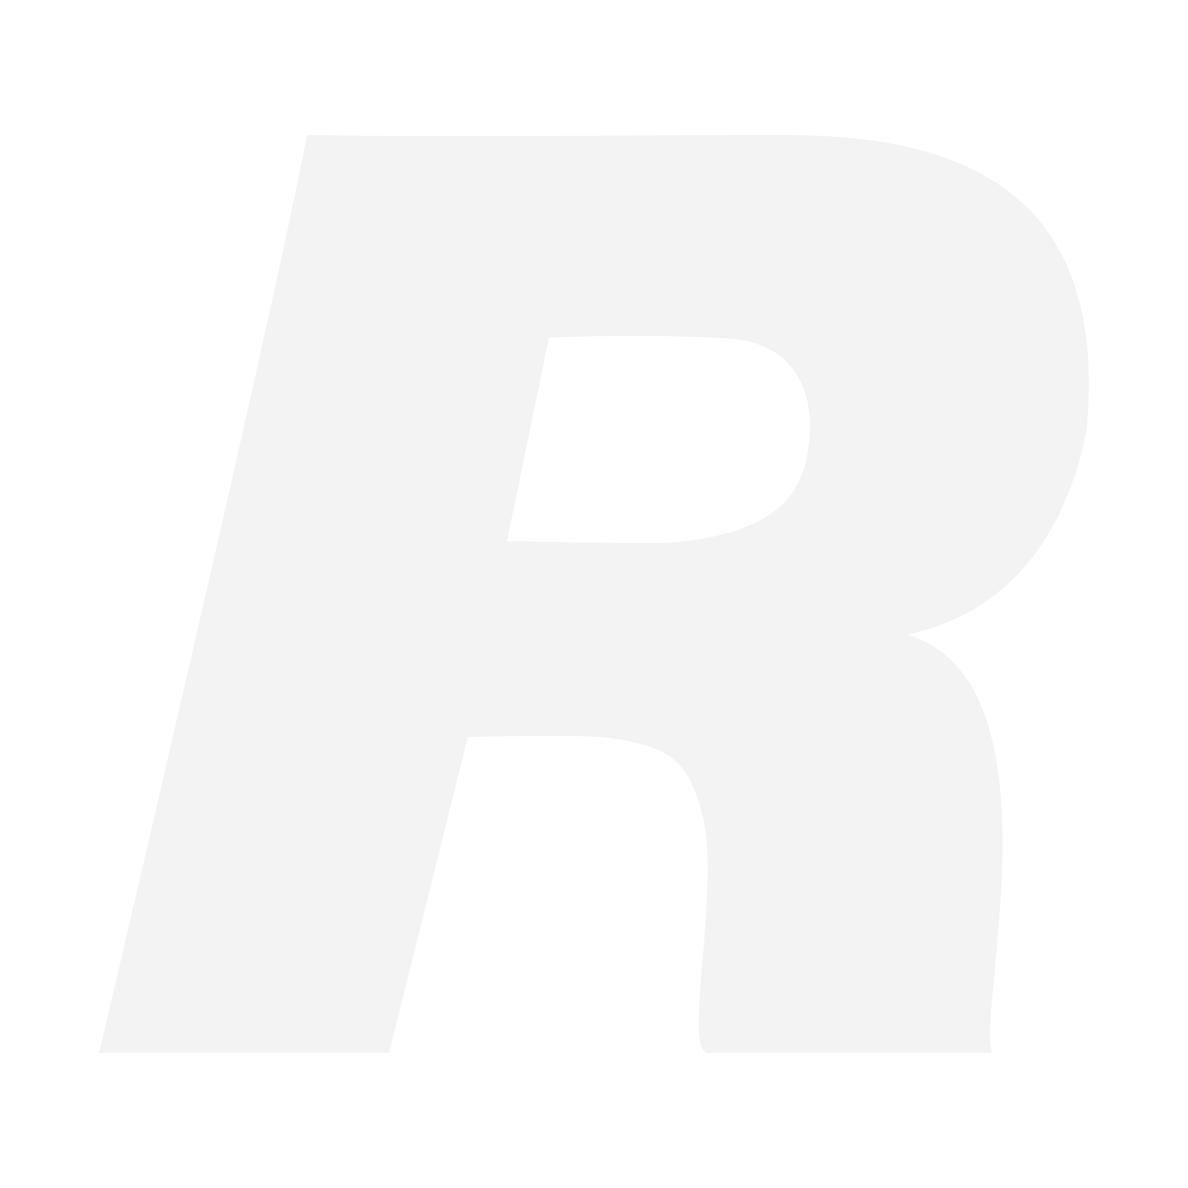 DJI Inspire 2 (RAW) Premium